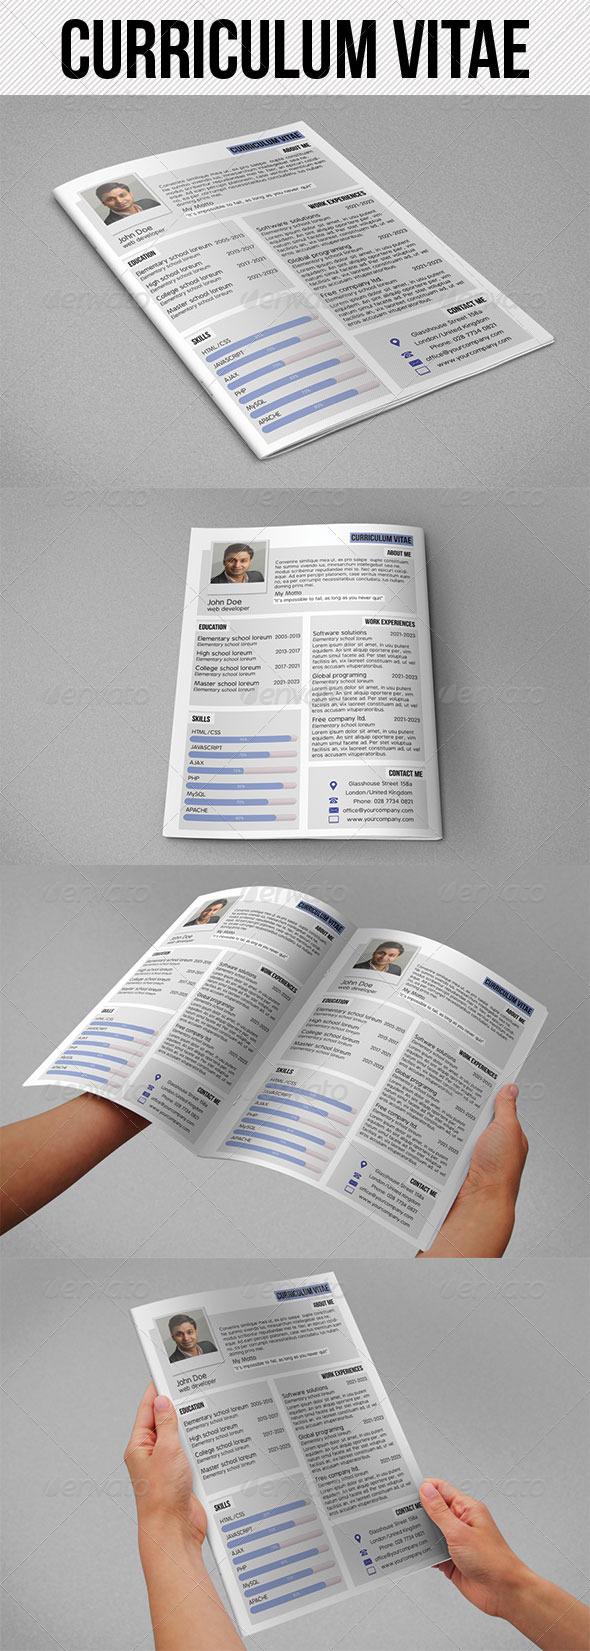 GraphicRiver Curriculum Vitae 4691225